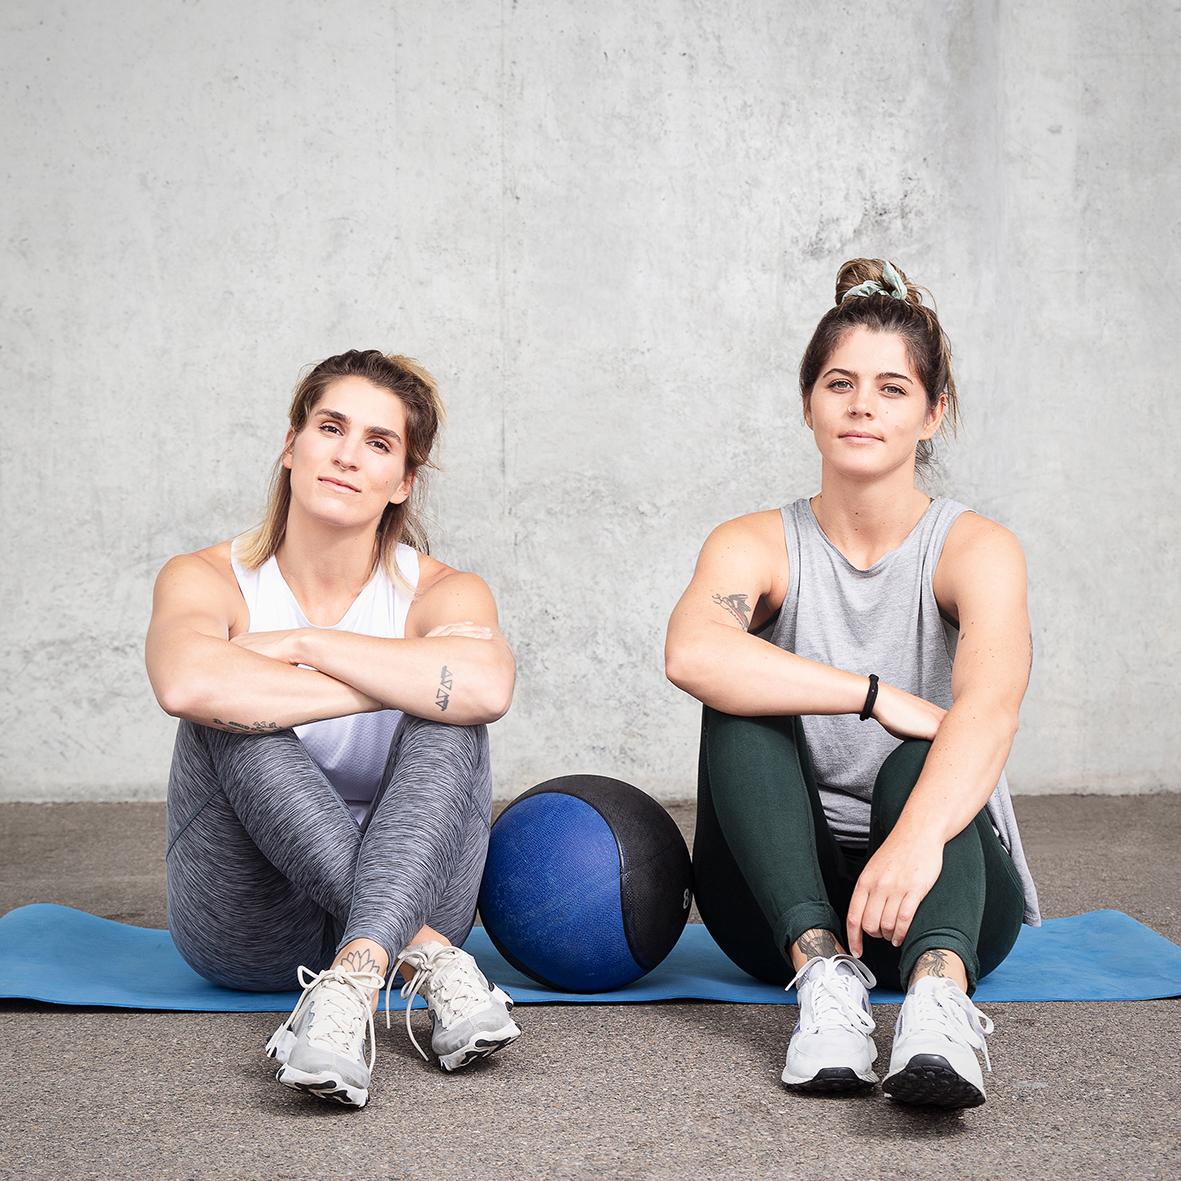 WIR - Wir sind leidenschaftliche Sportlerinnen, welche den Fokus der Fitness nicht ausschliesslich auf den Körper legen. TempleShape formt Body, Mind und Spirit gleichermassen, und wappnet Dich für die Challenges des Alltags. Daniela, qualifizierte CrossFit Trainerin, stellt wöchentlich abwechslungsreiche, effiziente und auf dein Fitnesslevel angepasste Workouts im Freien für Dich zusammen. Mira verwöhnt Dich und die restlichen TempleShapers 1-2x im Monat anschliessend ans Samstag- oder Sonntagstraining mit einer mehrgängigen und wohltuenden Mahlzeit.